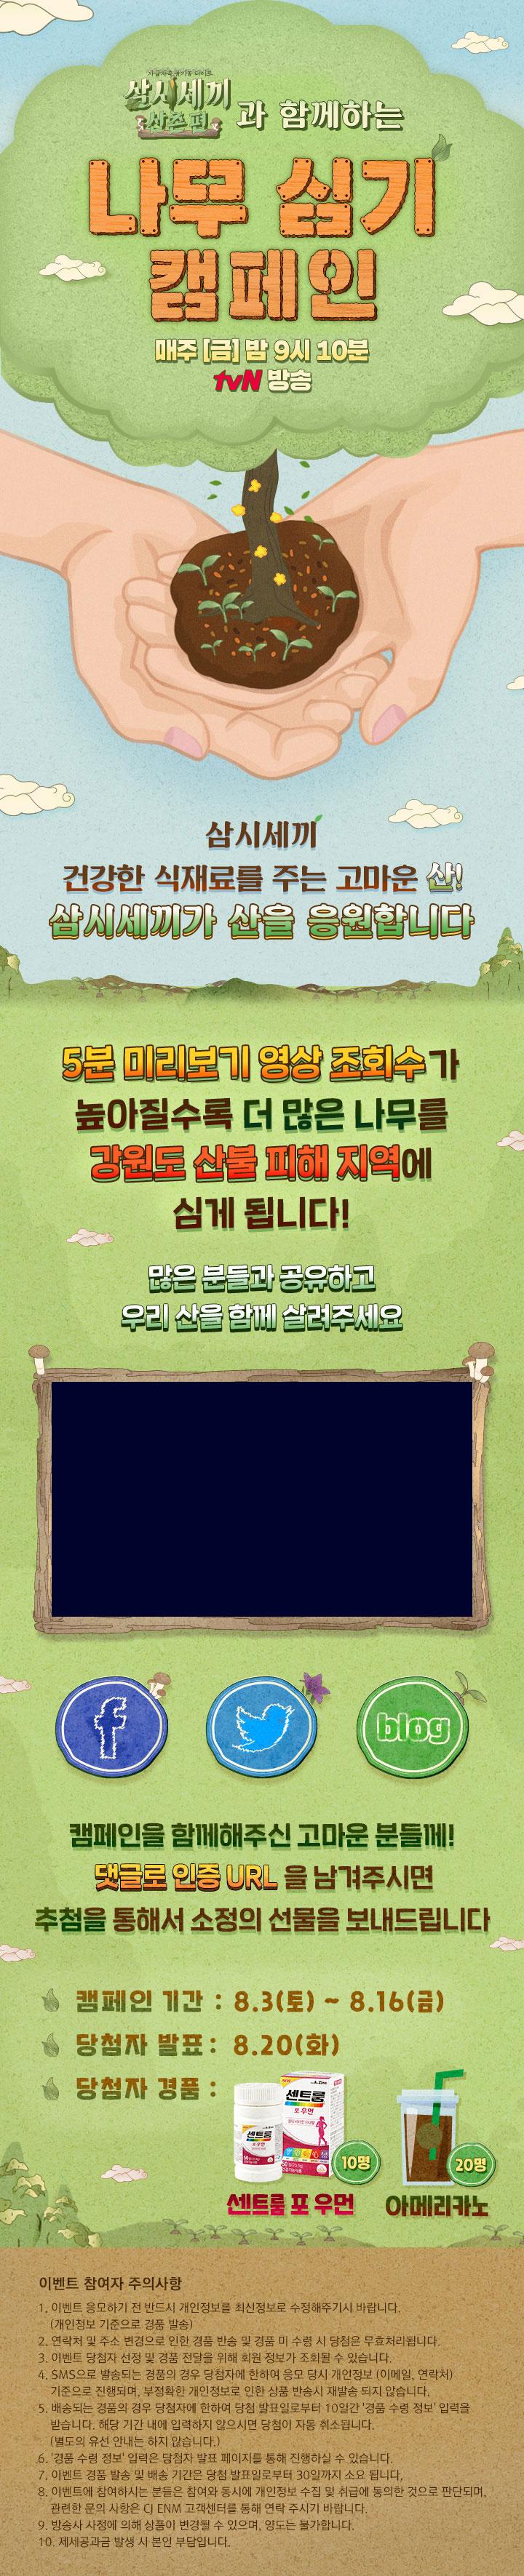 [삼시세끼 산촌편] 나무 심기 캠페인